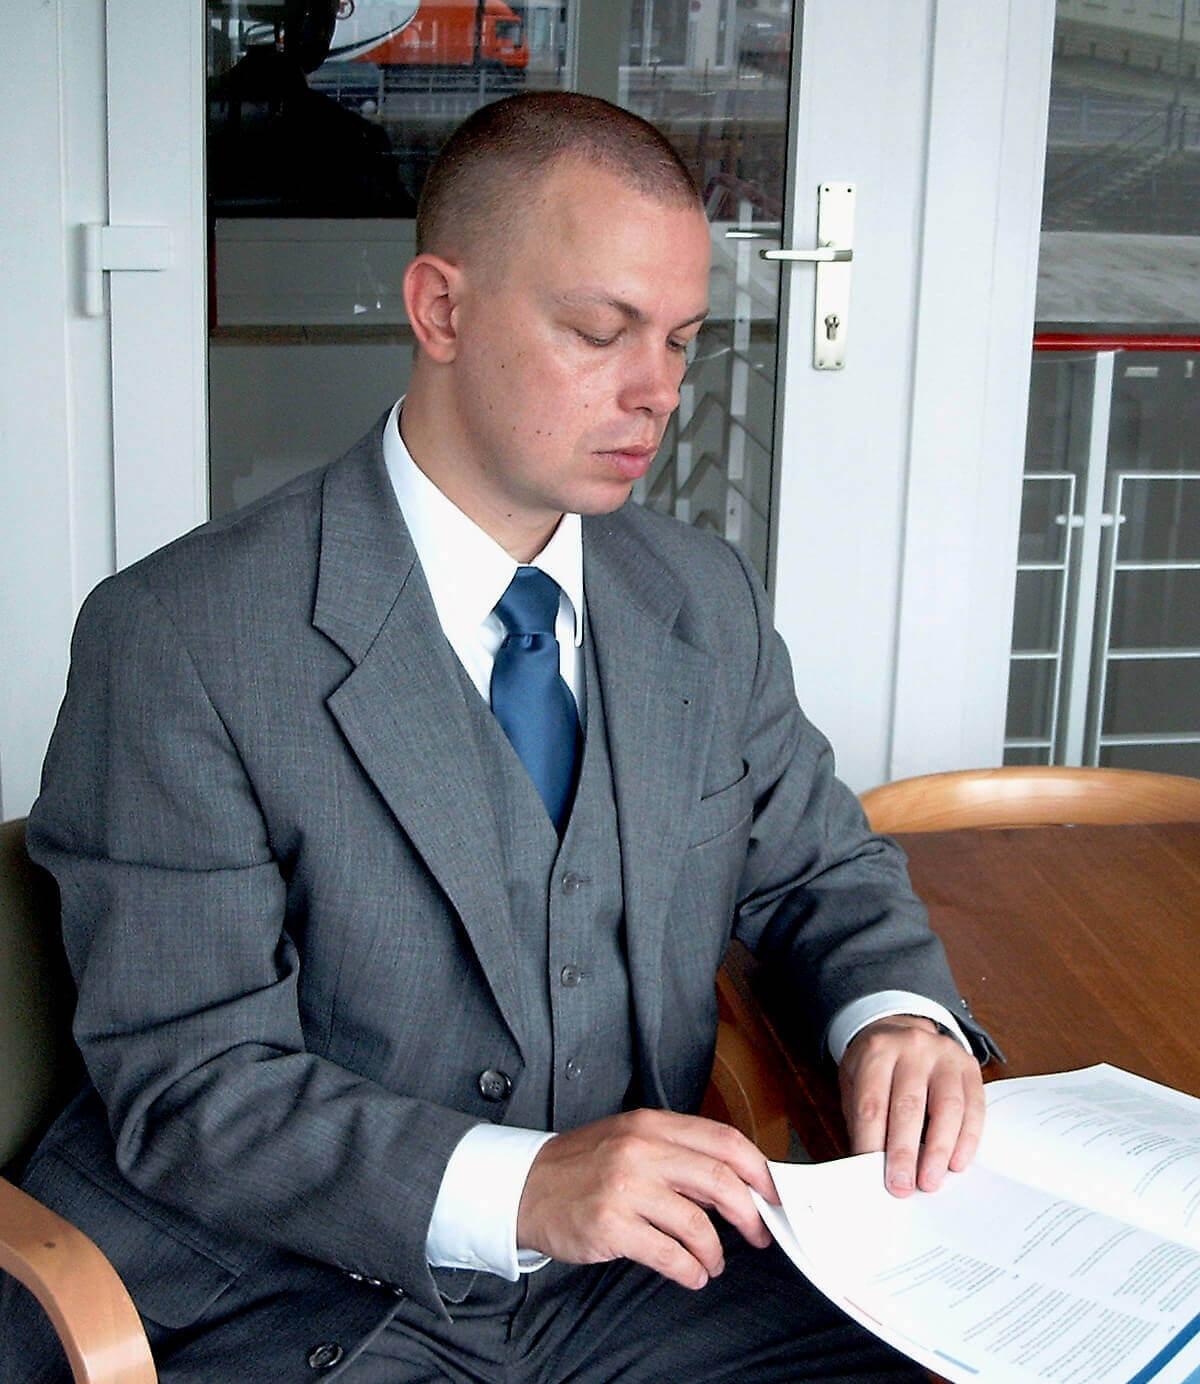 Mann im Anzug am Tisch (c) M. Fröhlich / pixelio.de